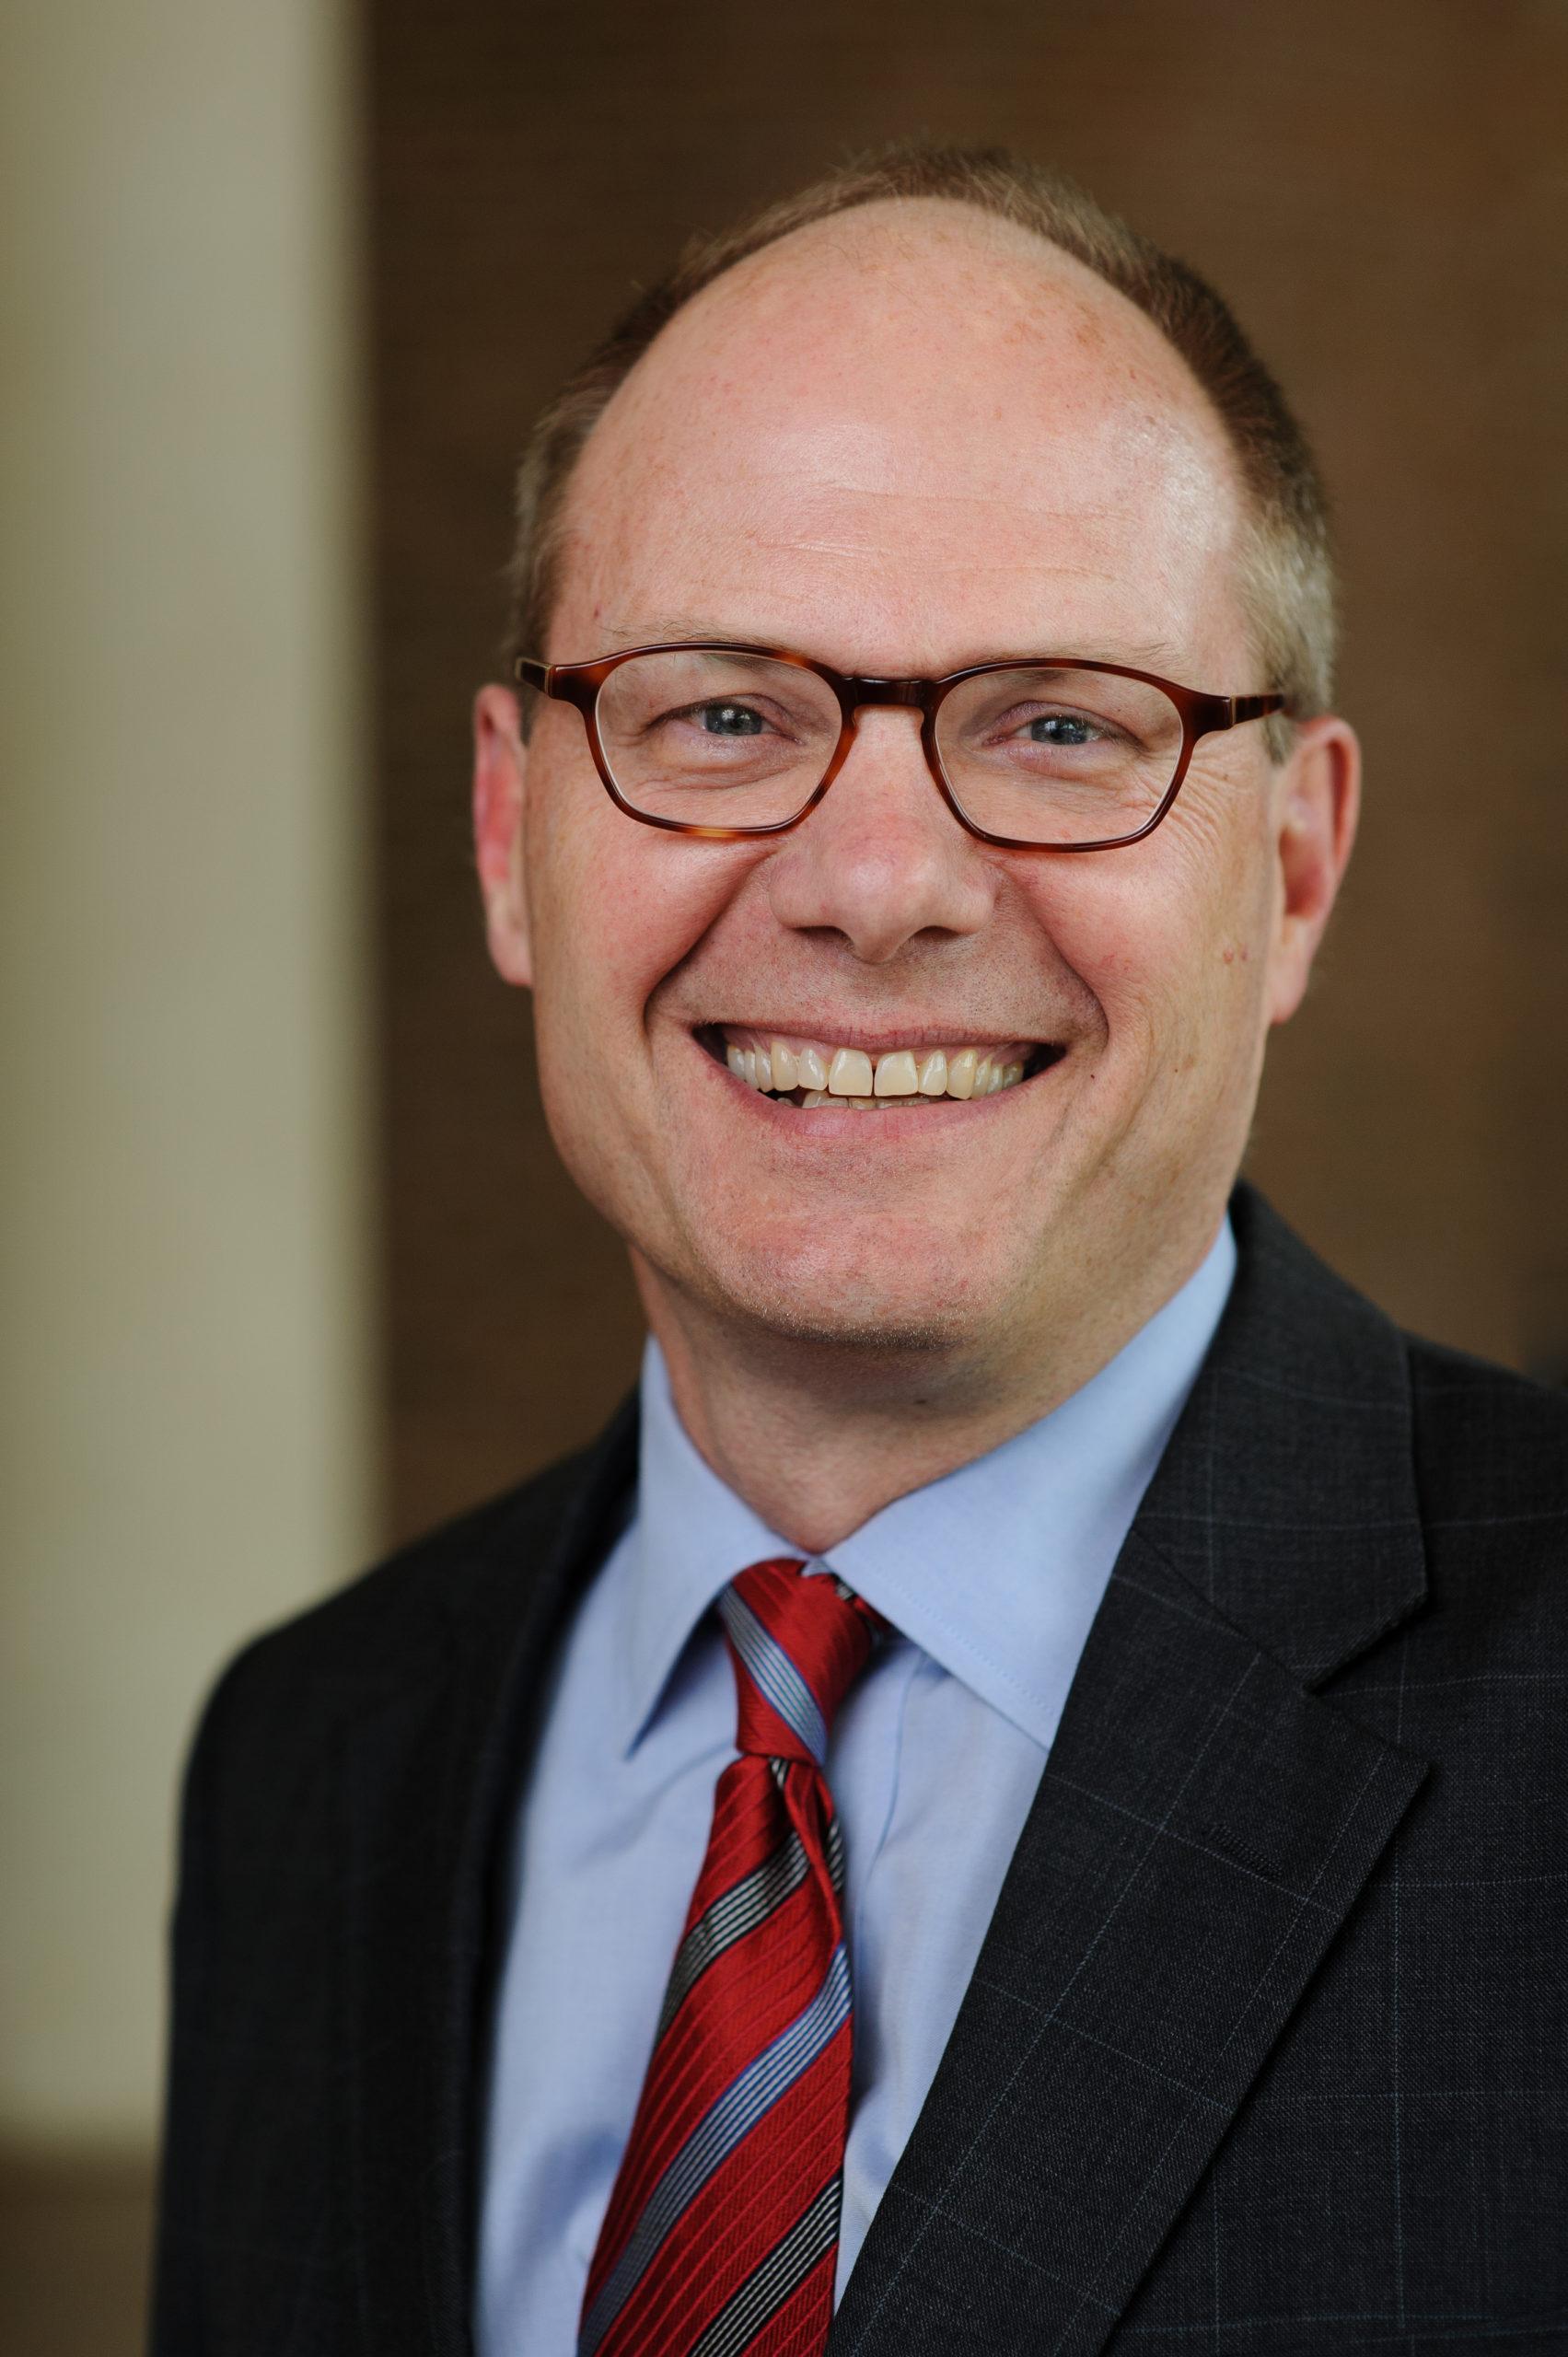 Professor Brewbaker Headshot